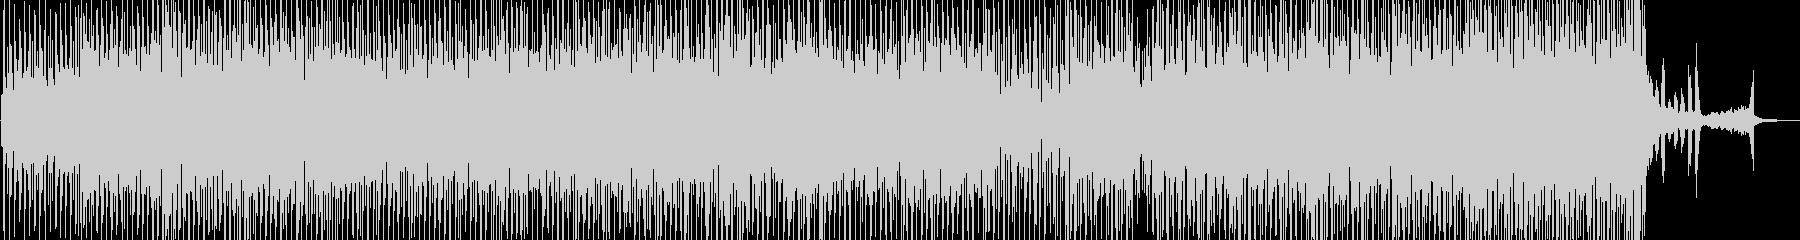 尺八とアコーディオンのオシャレテクノの未再生の波形